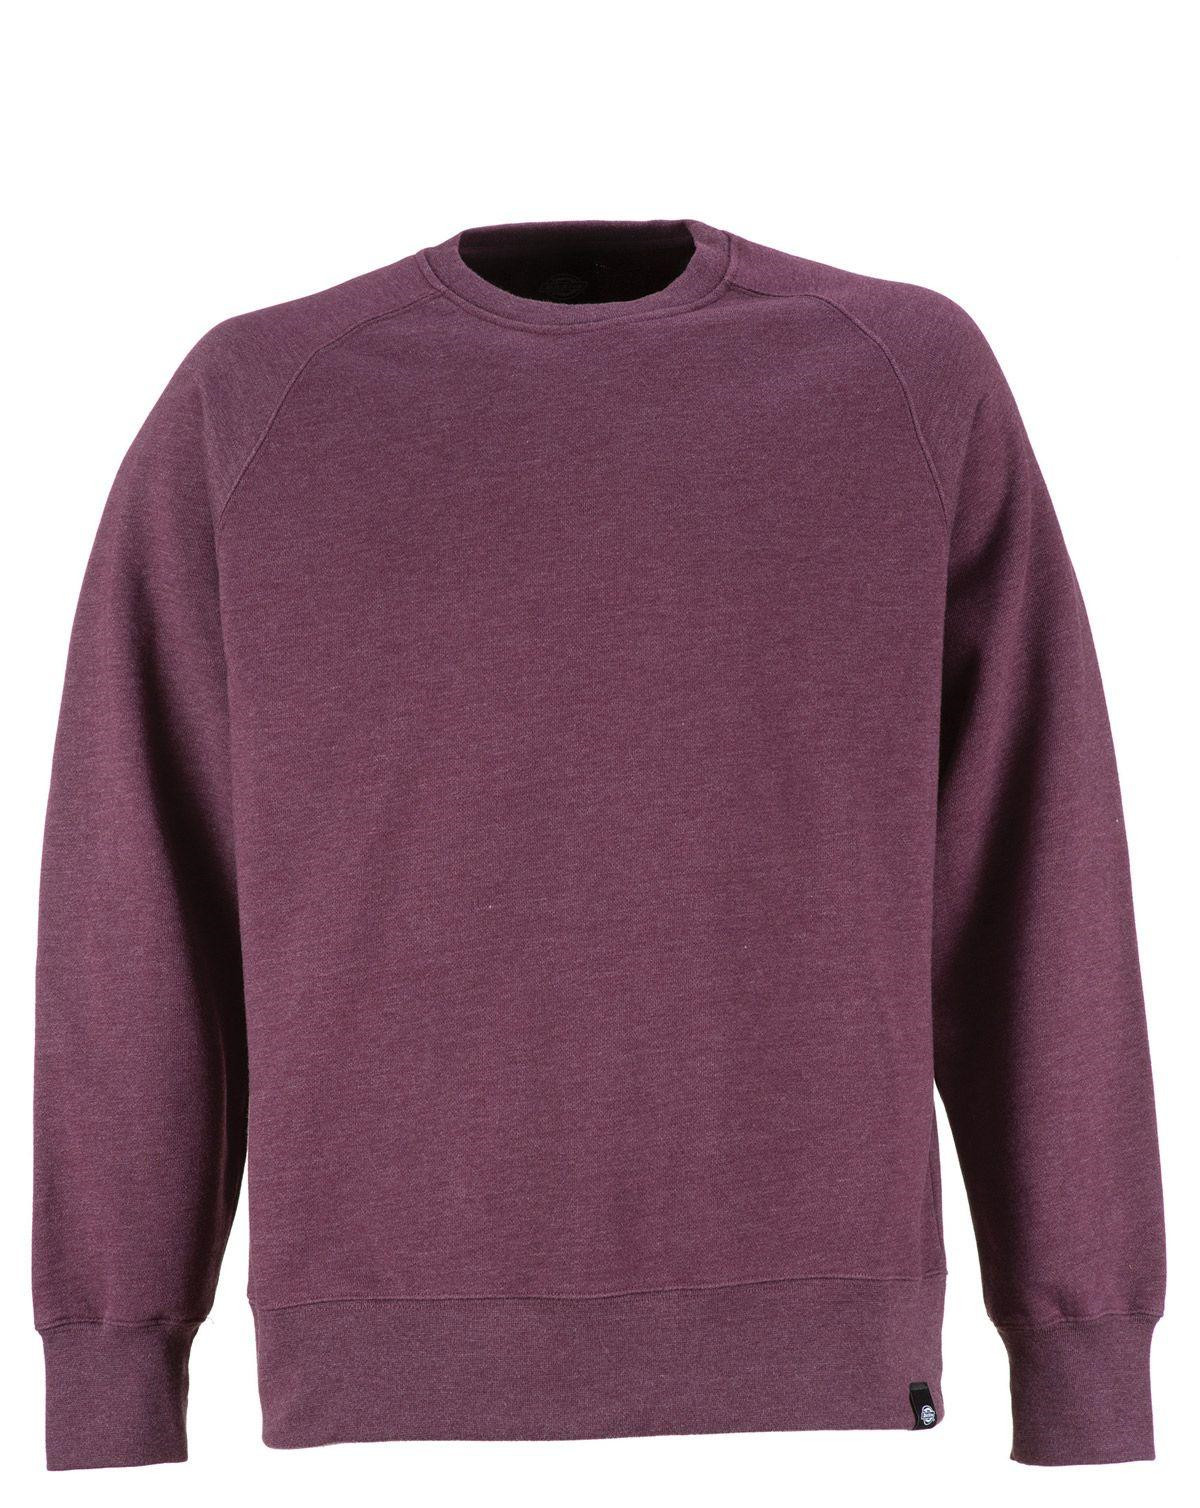 Dickies Kendallville Sweatshirt (Maroon, 2XL)